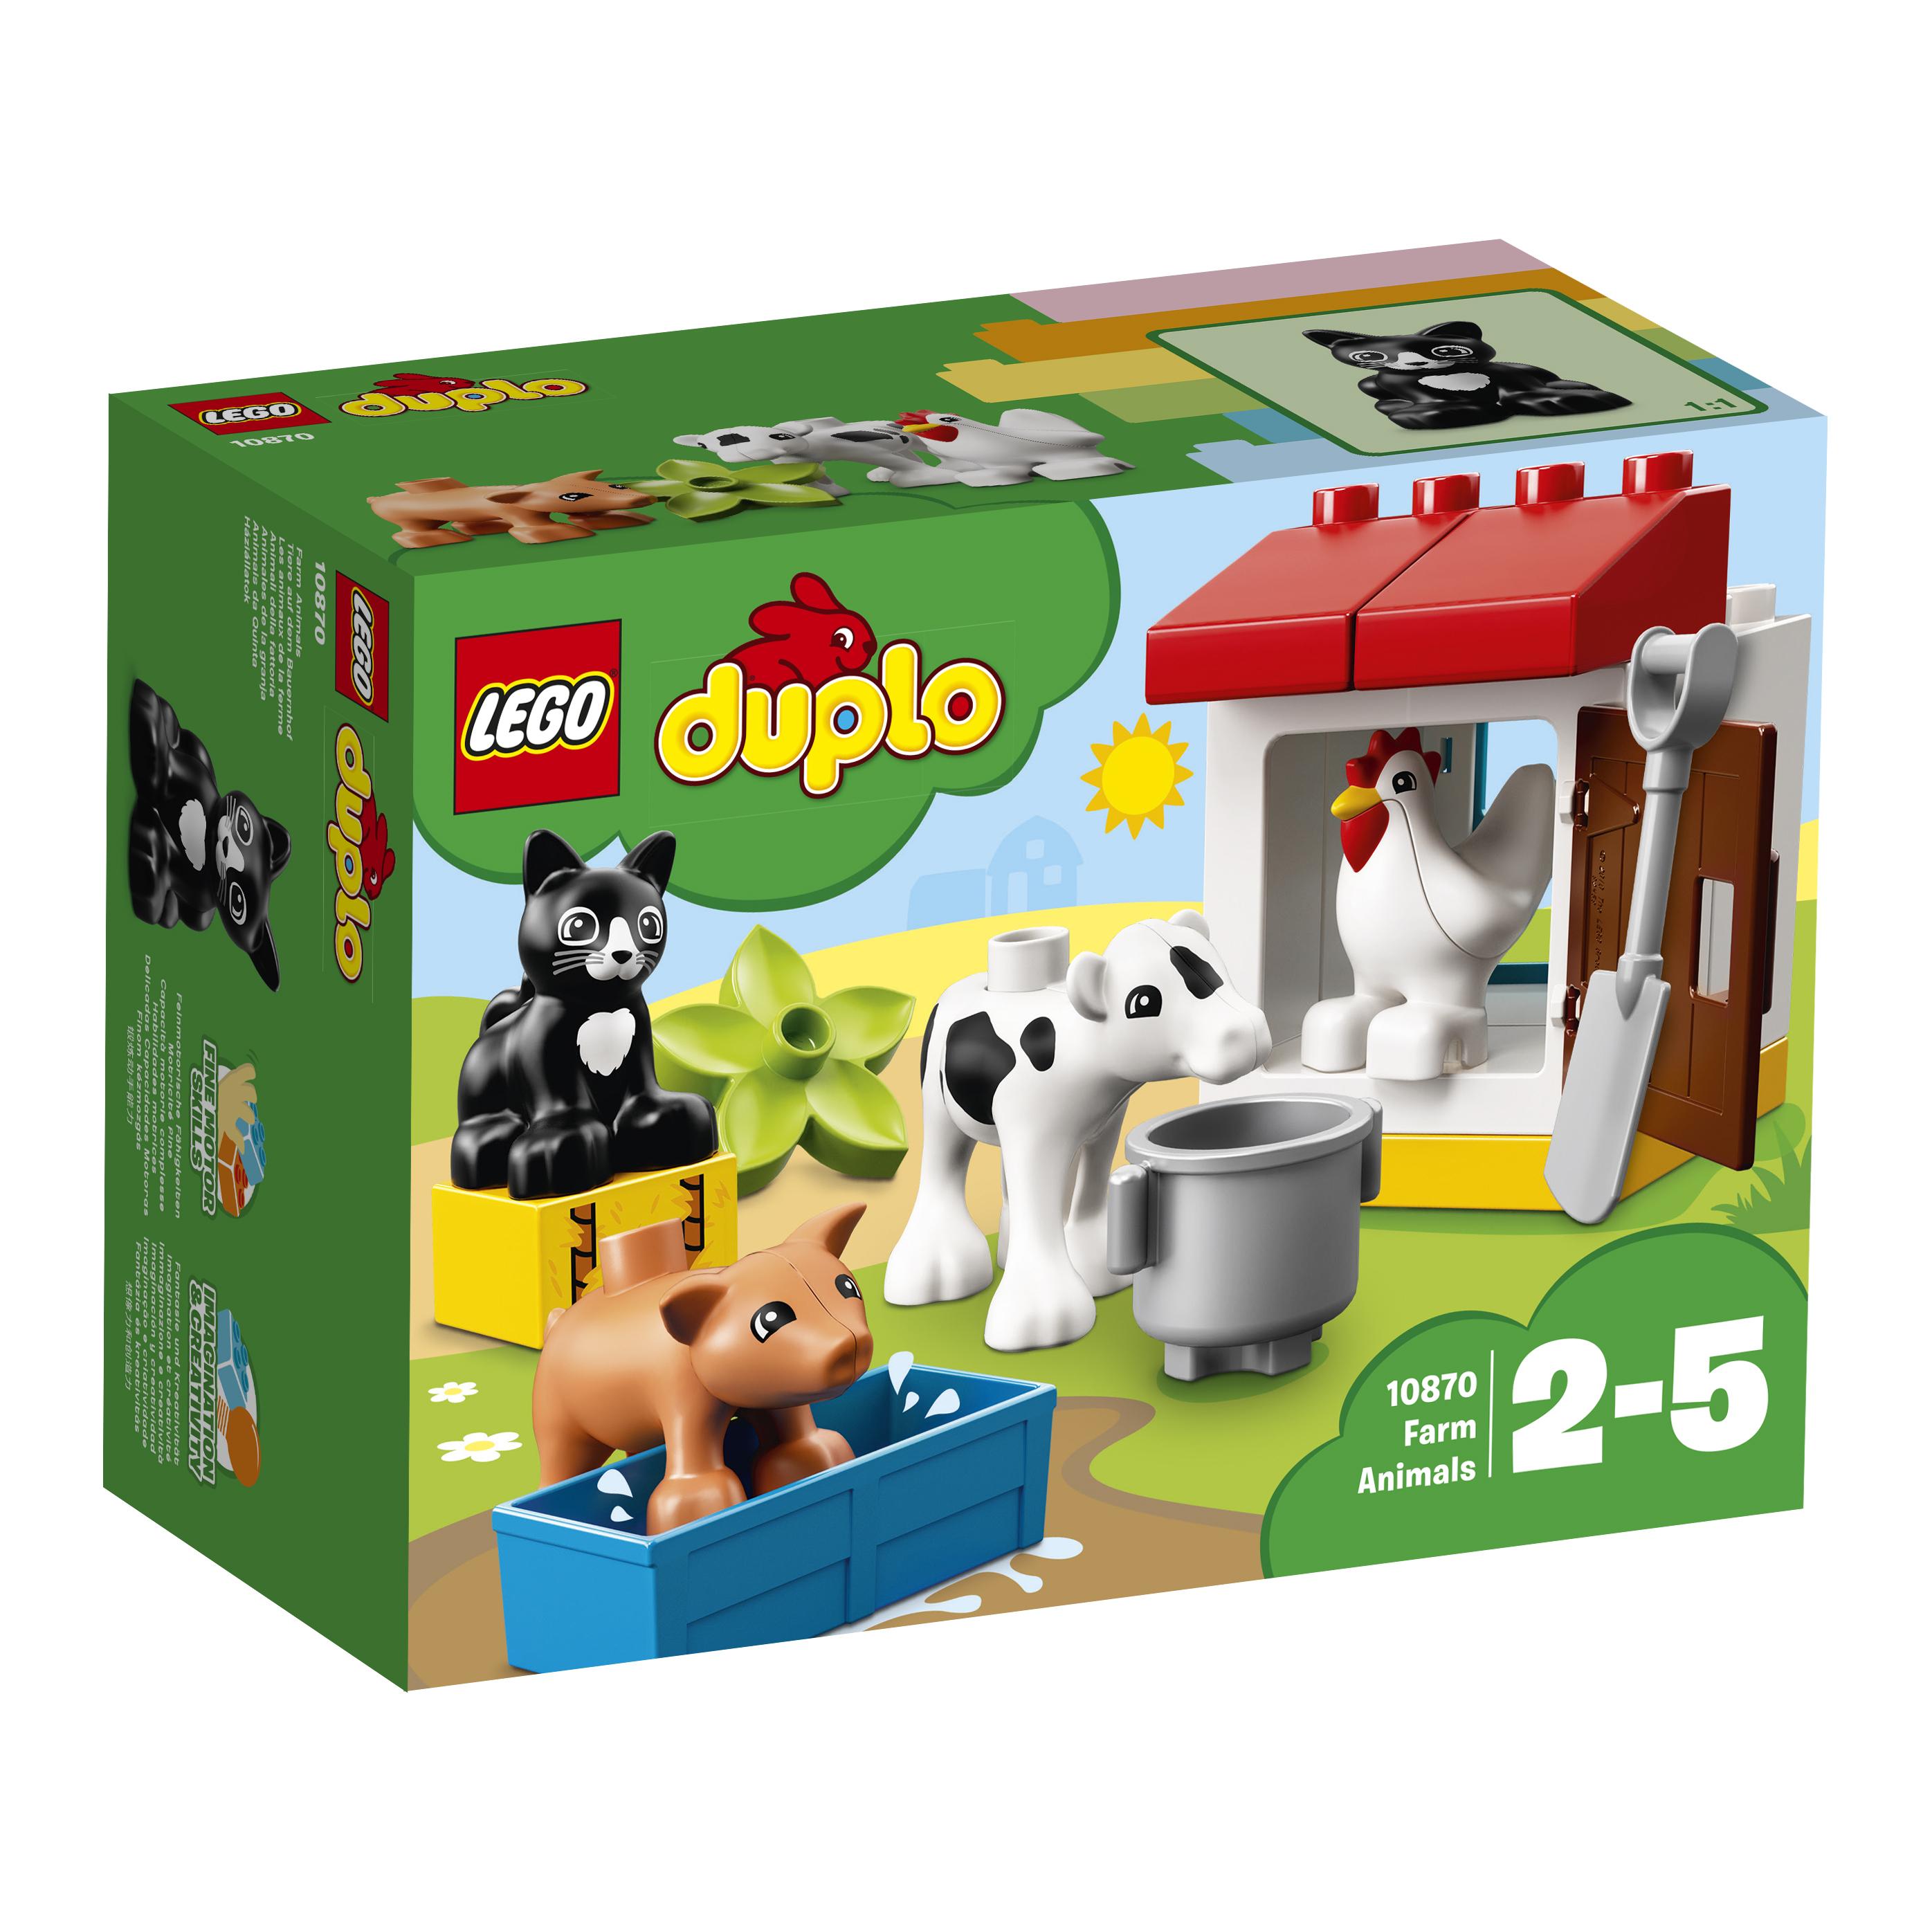 LEGO DUPLO LEGO DUPLO Town 10870 Ферма: домашние животные